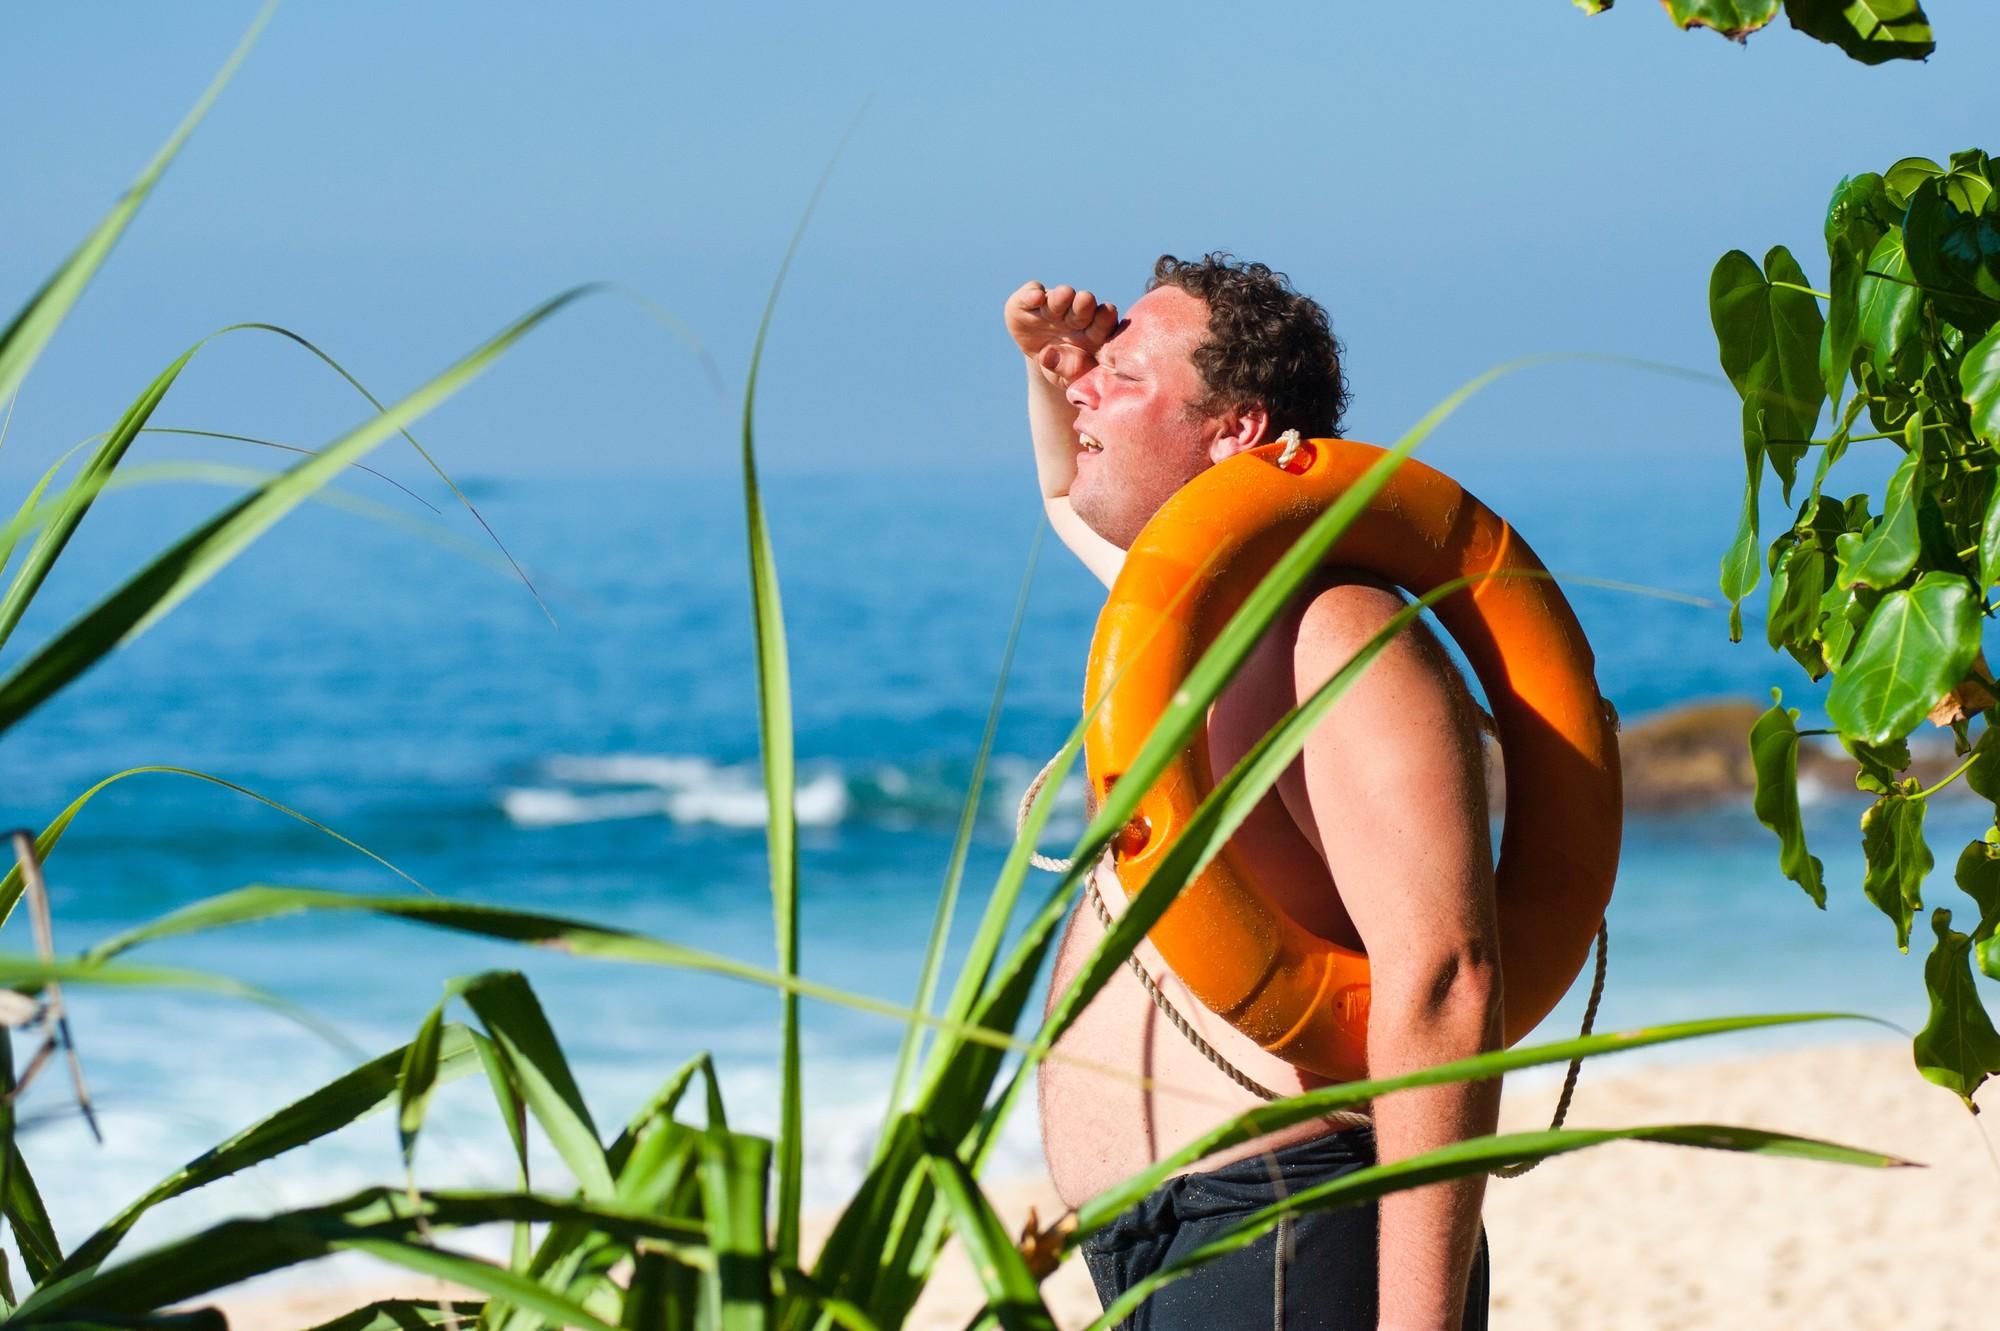 Auch ein leichter Sonnenbrand ist Stress für die Haut. Mit UV-Kleidung können Sie Sonnenbrand vorbeugen.